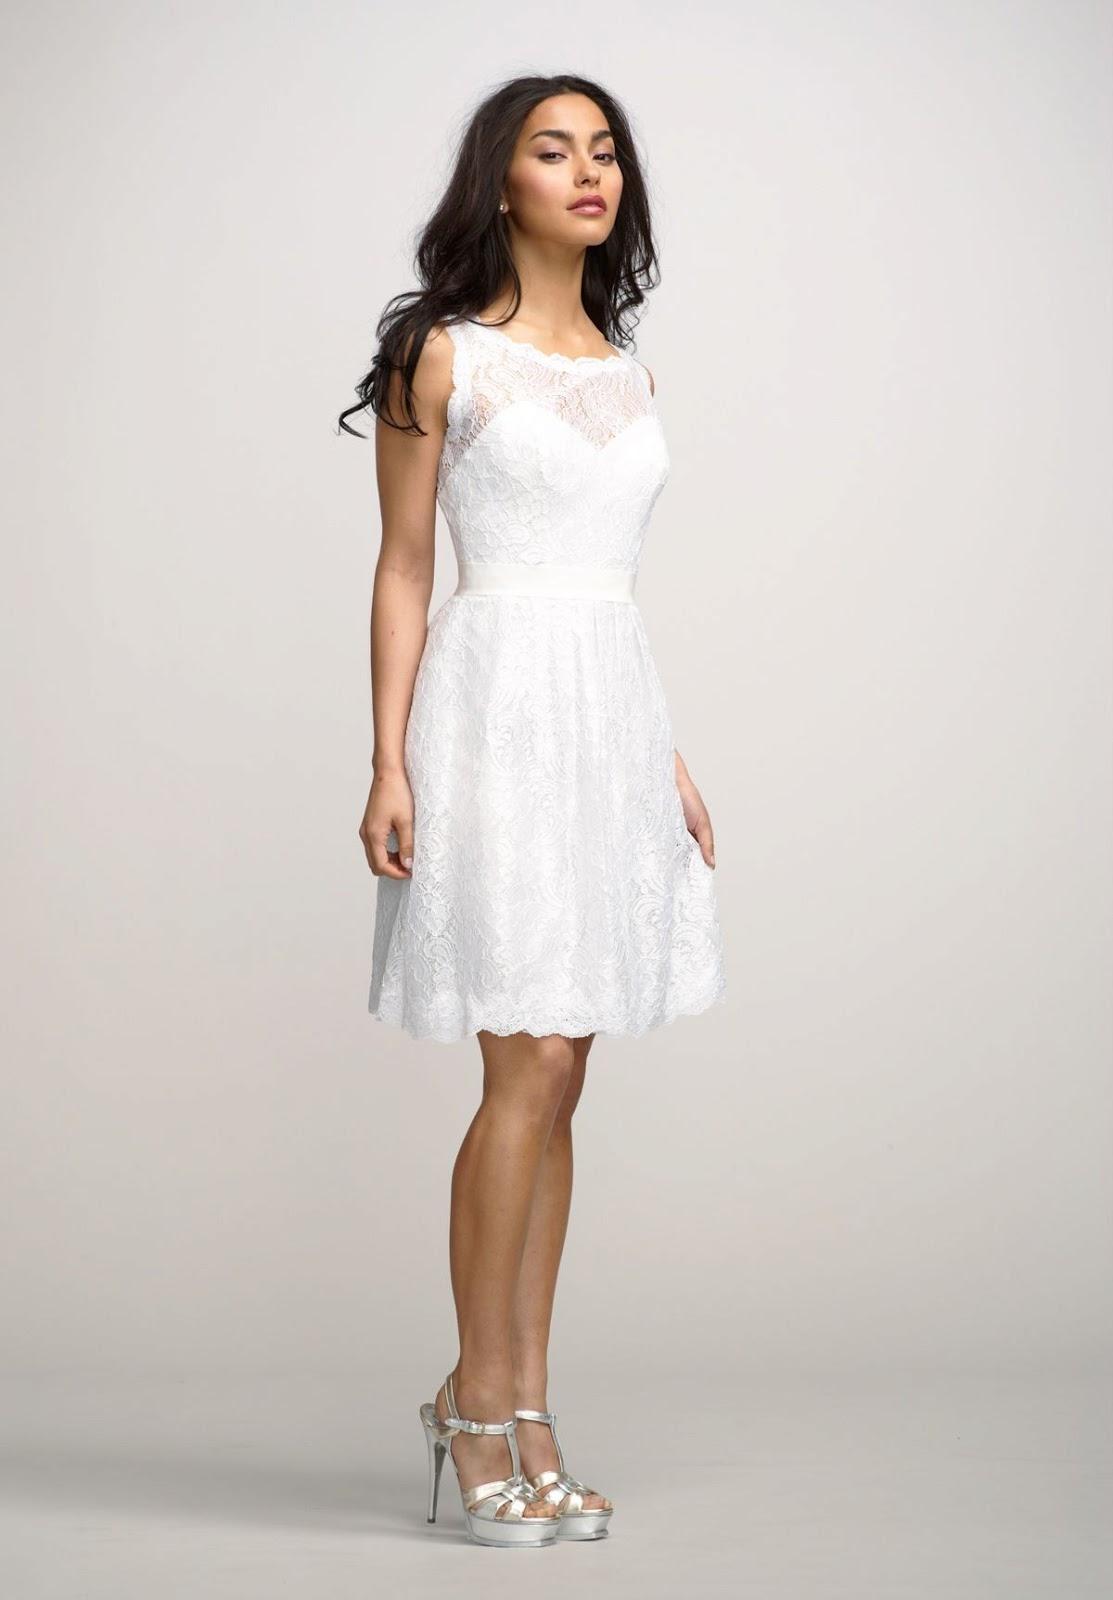 Image Result For Bride Dresses For Reception